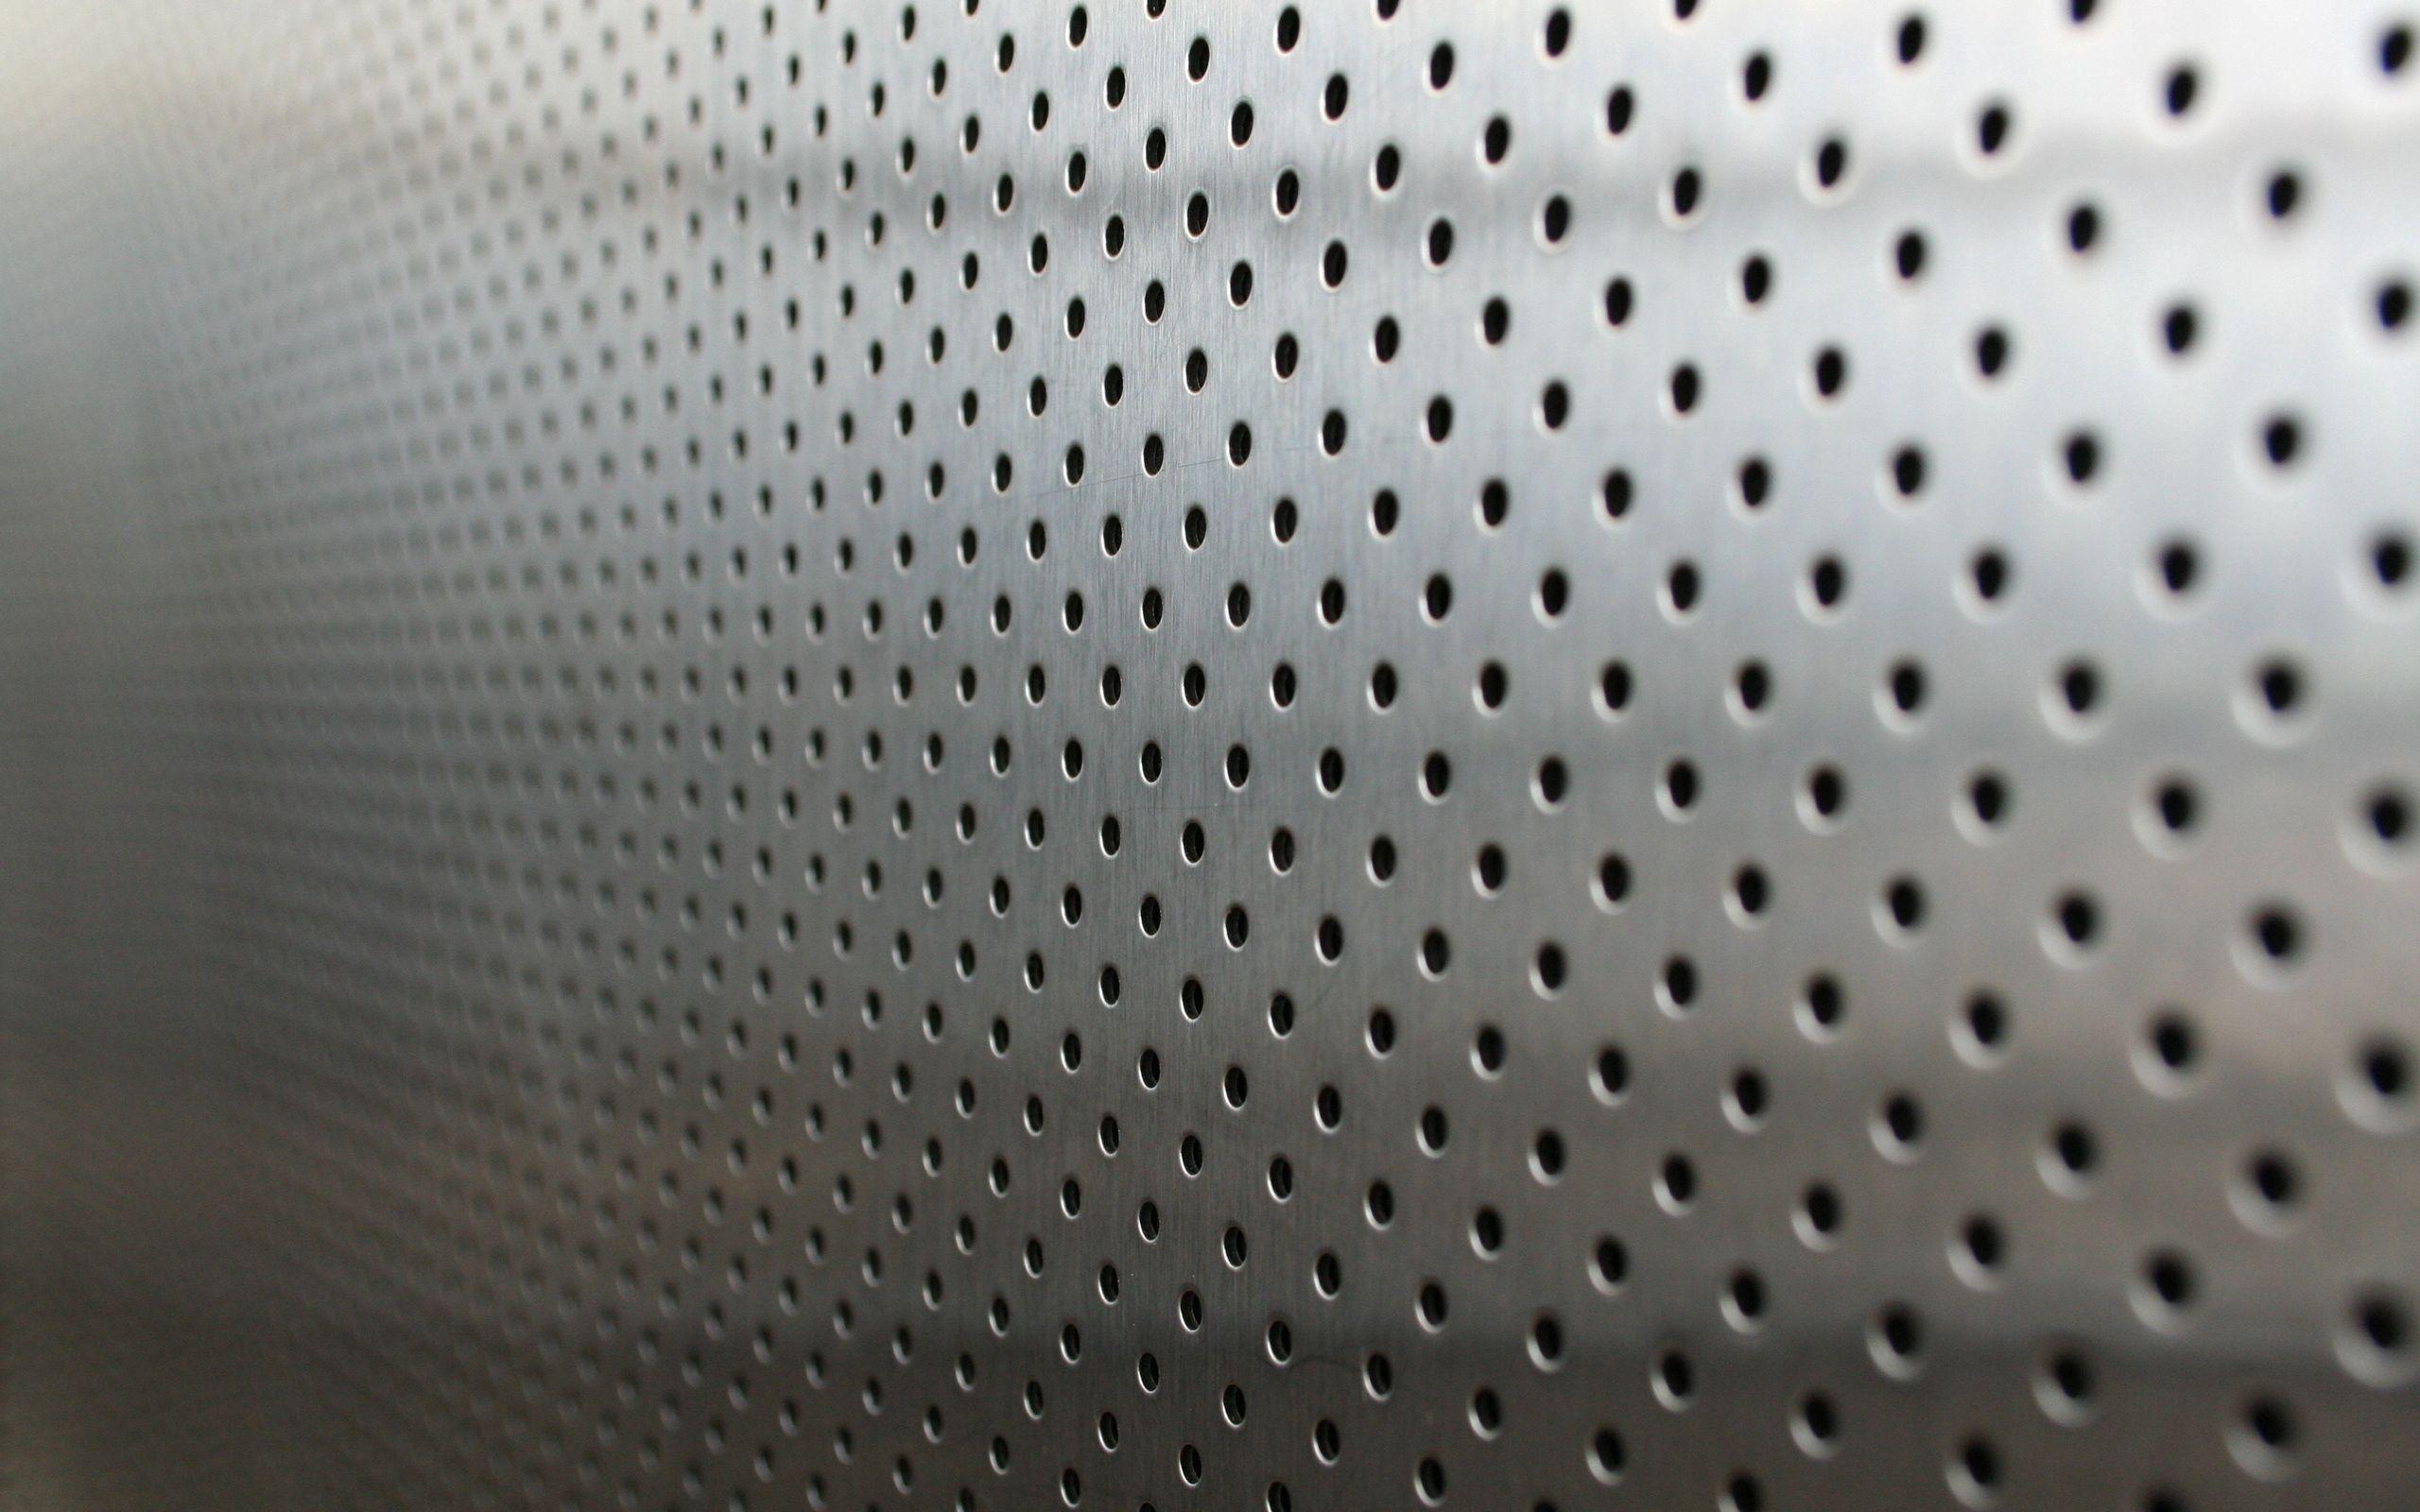 103431 Protetores de tela e papéis de parede Metal em seu telefone. Baixe Fundo, Textura, Texturas, Pontos, Ponto, Metal, Prata, Buracos fotos gratuitamente